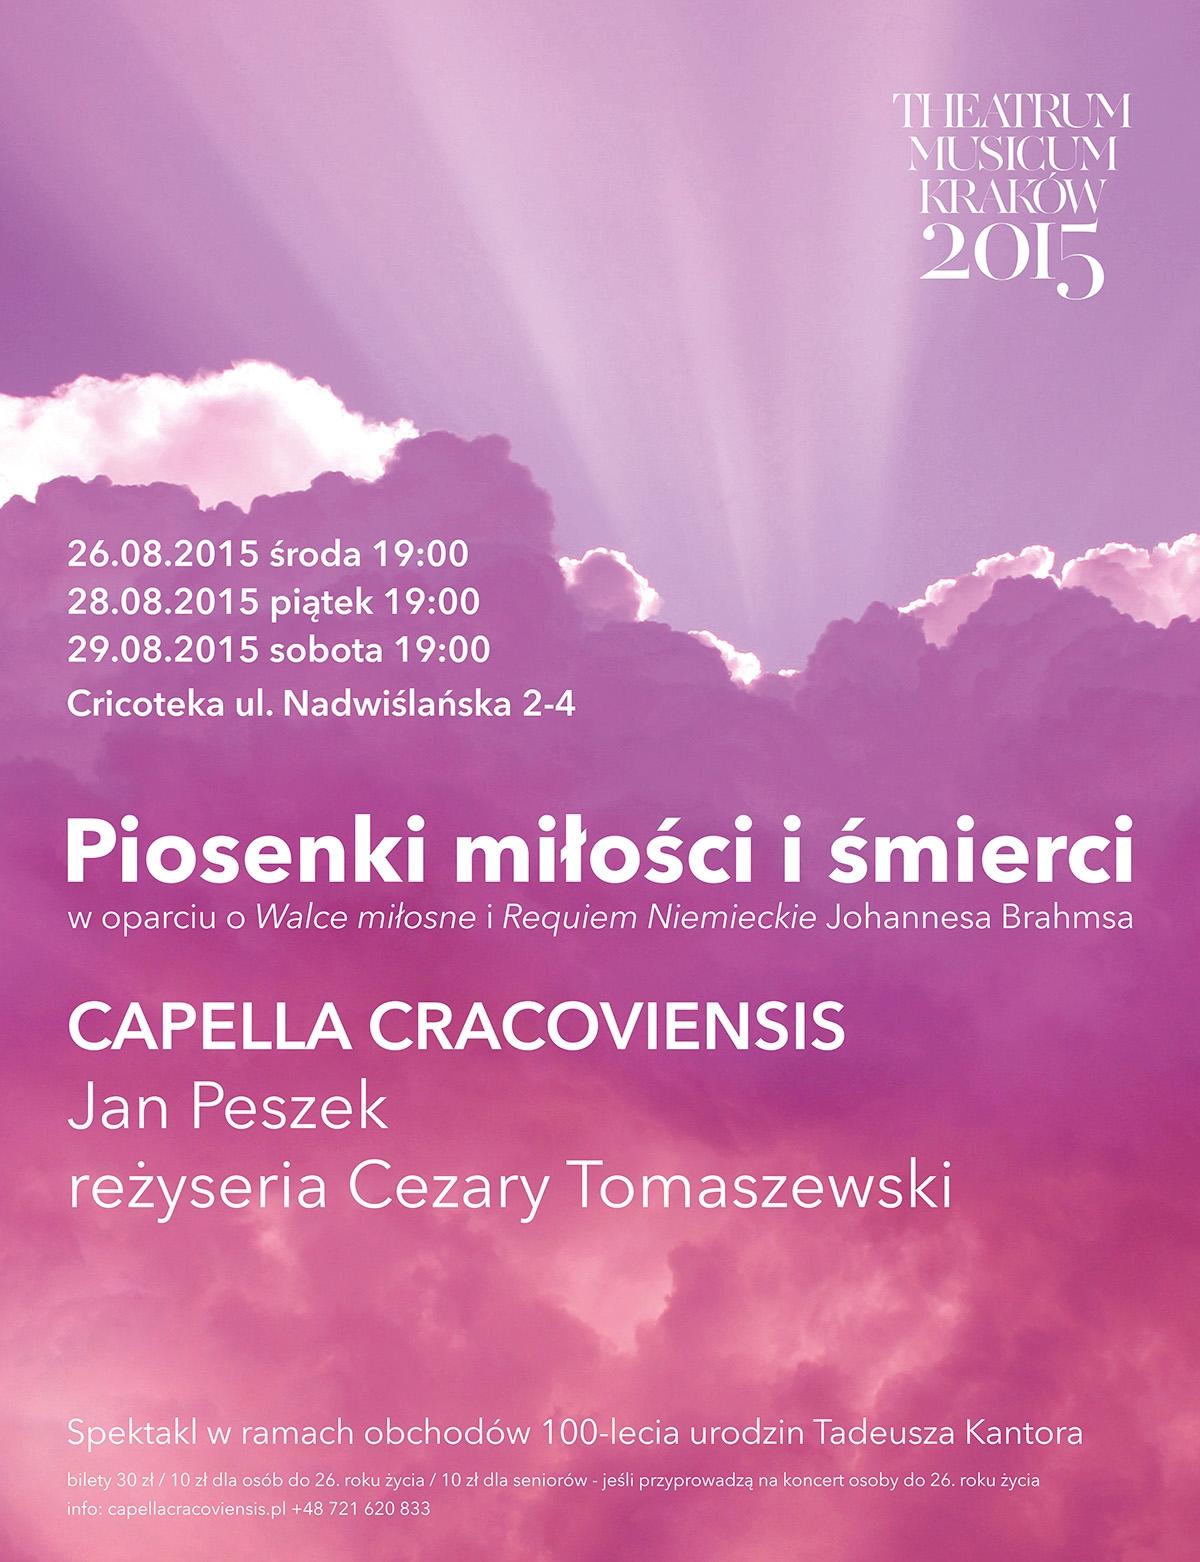 """""""Piosenki miłości i śmierci"""", Theatrum Musicum Kraków 2015 – plakat (źródło: materiały prasowe)"""